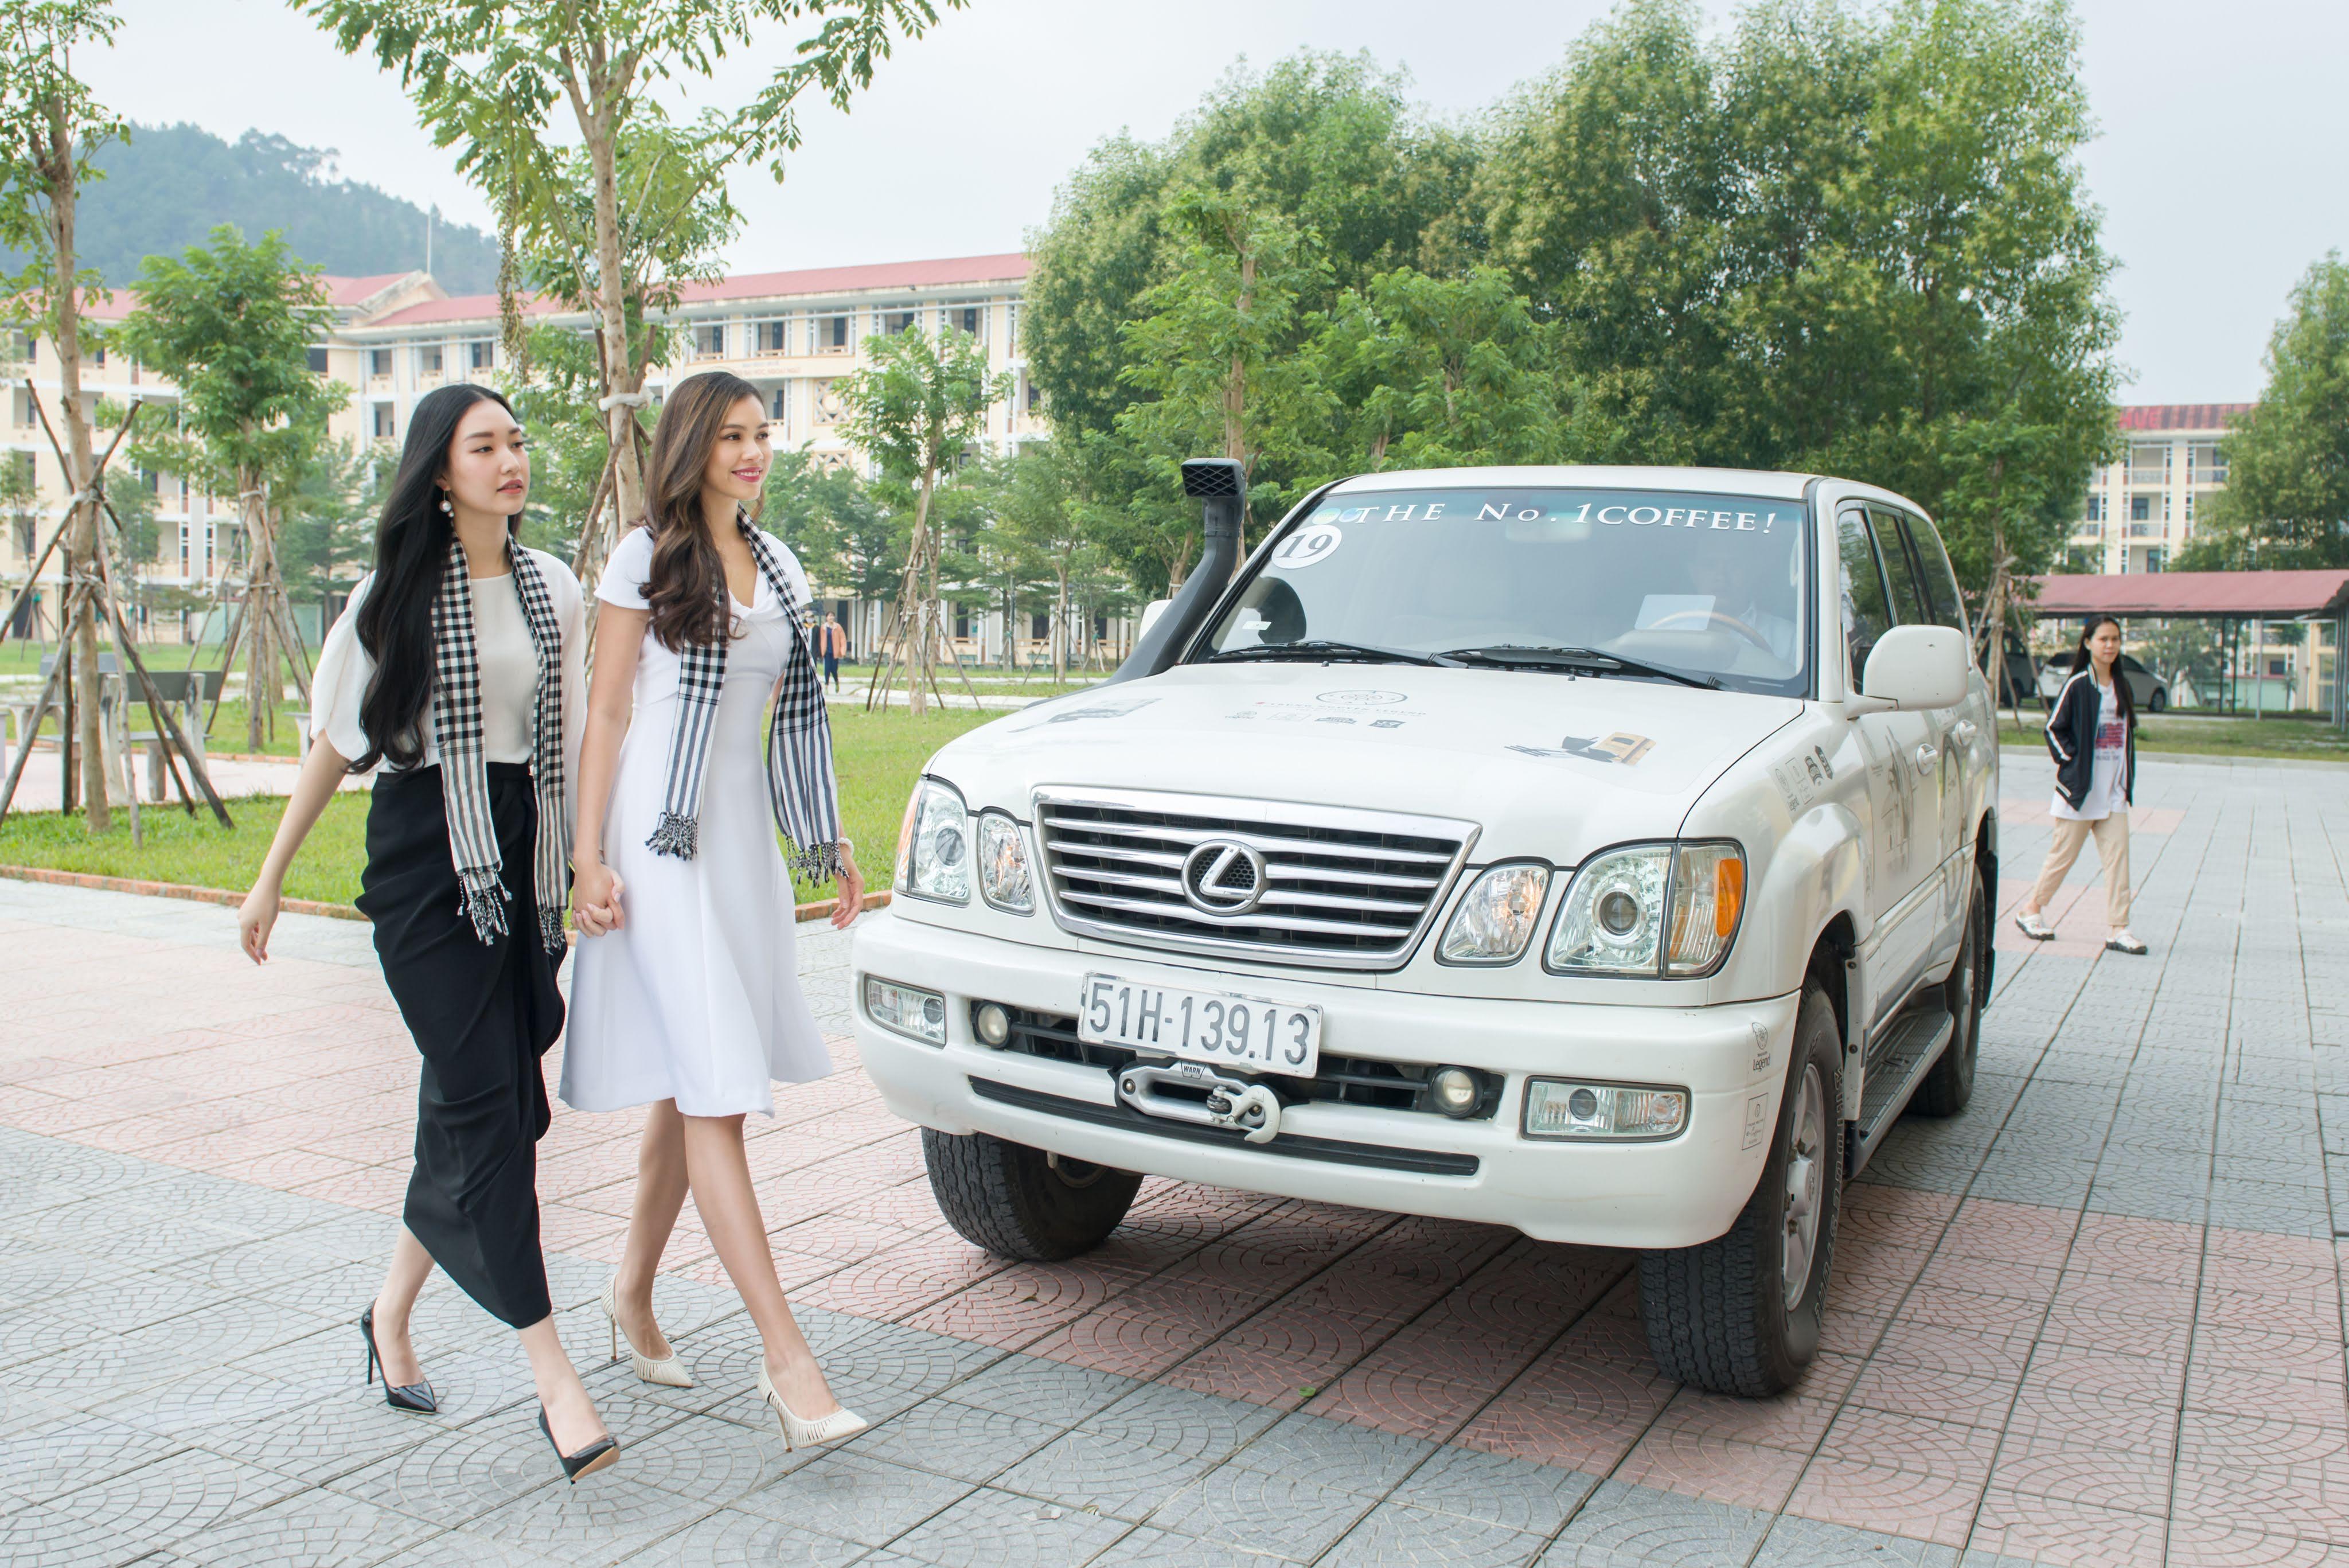 Lexus của vua cafe Đặng Lê Nguyên Vũ đưa đón 'Nàng thơ xứ Huế' Ngọc Trân 2